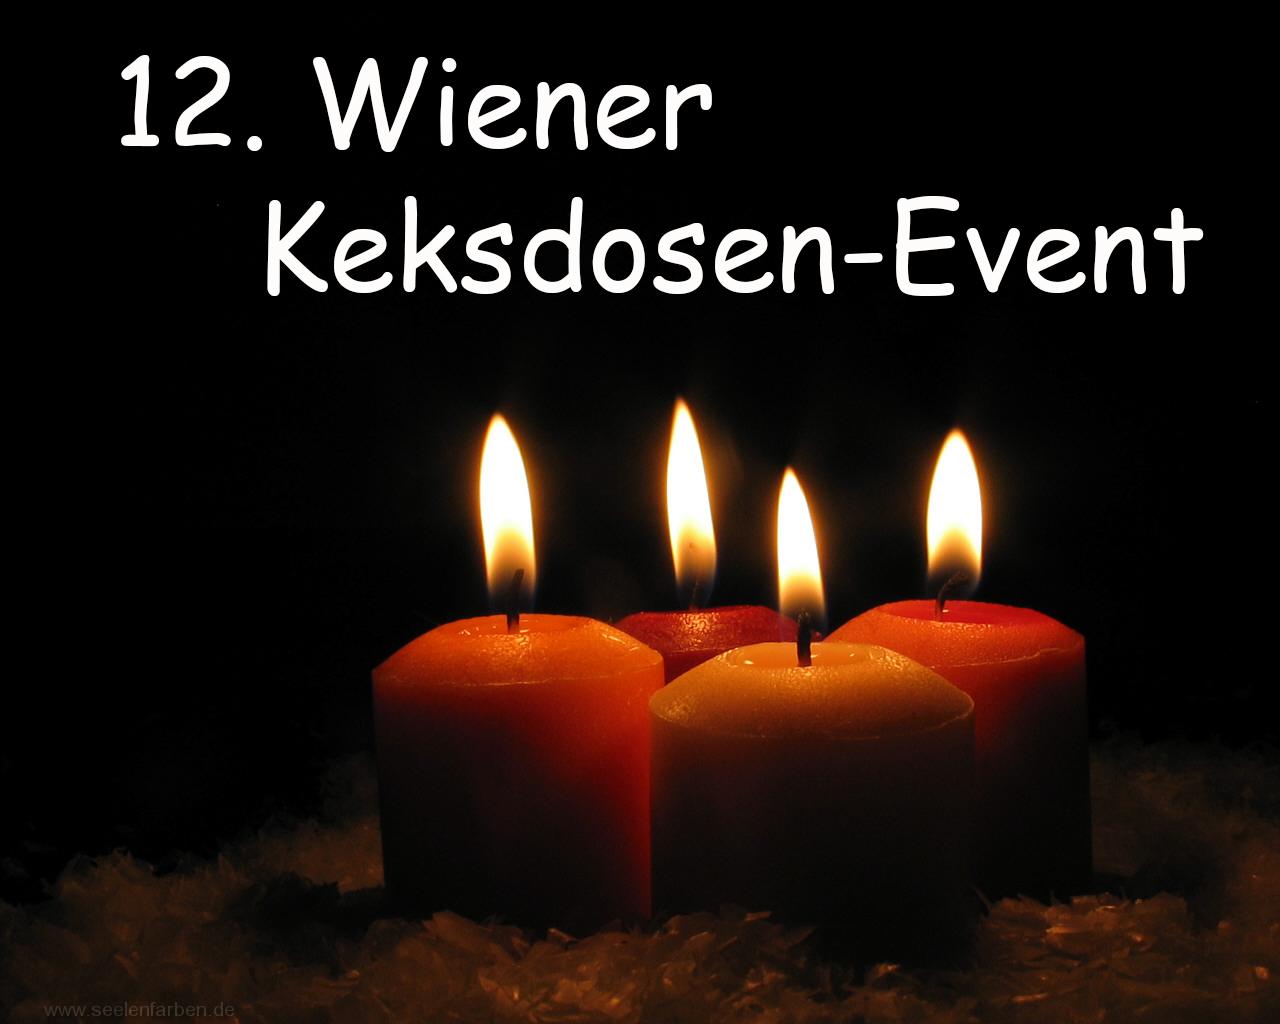 Seelenfarben Weihnachten.Gc801f7 12 Wiener Keksdosen Event Event Cache In Wien Austria